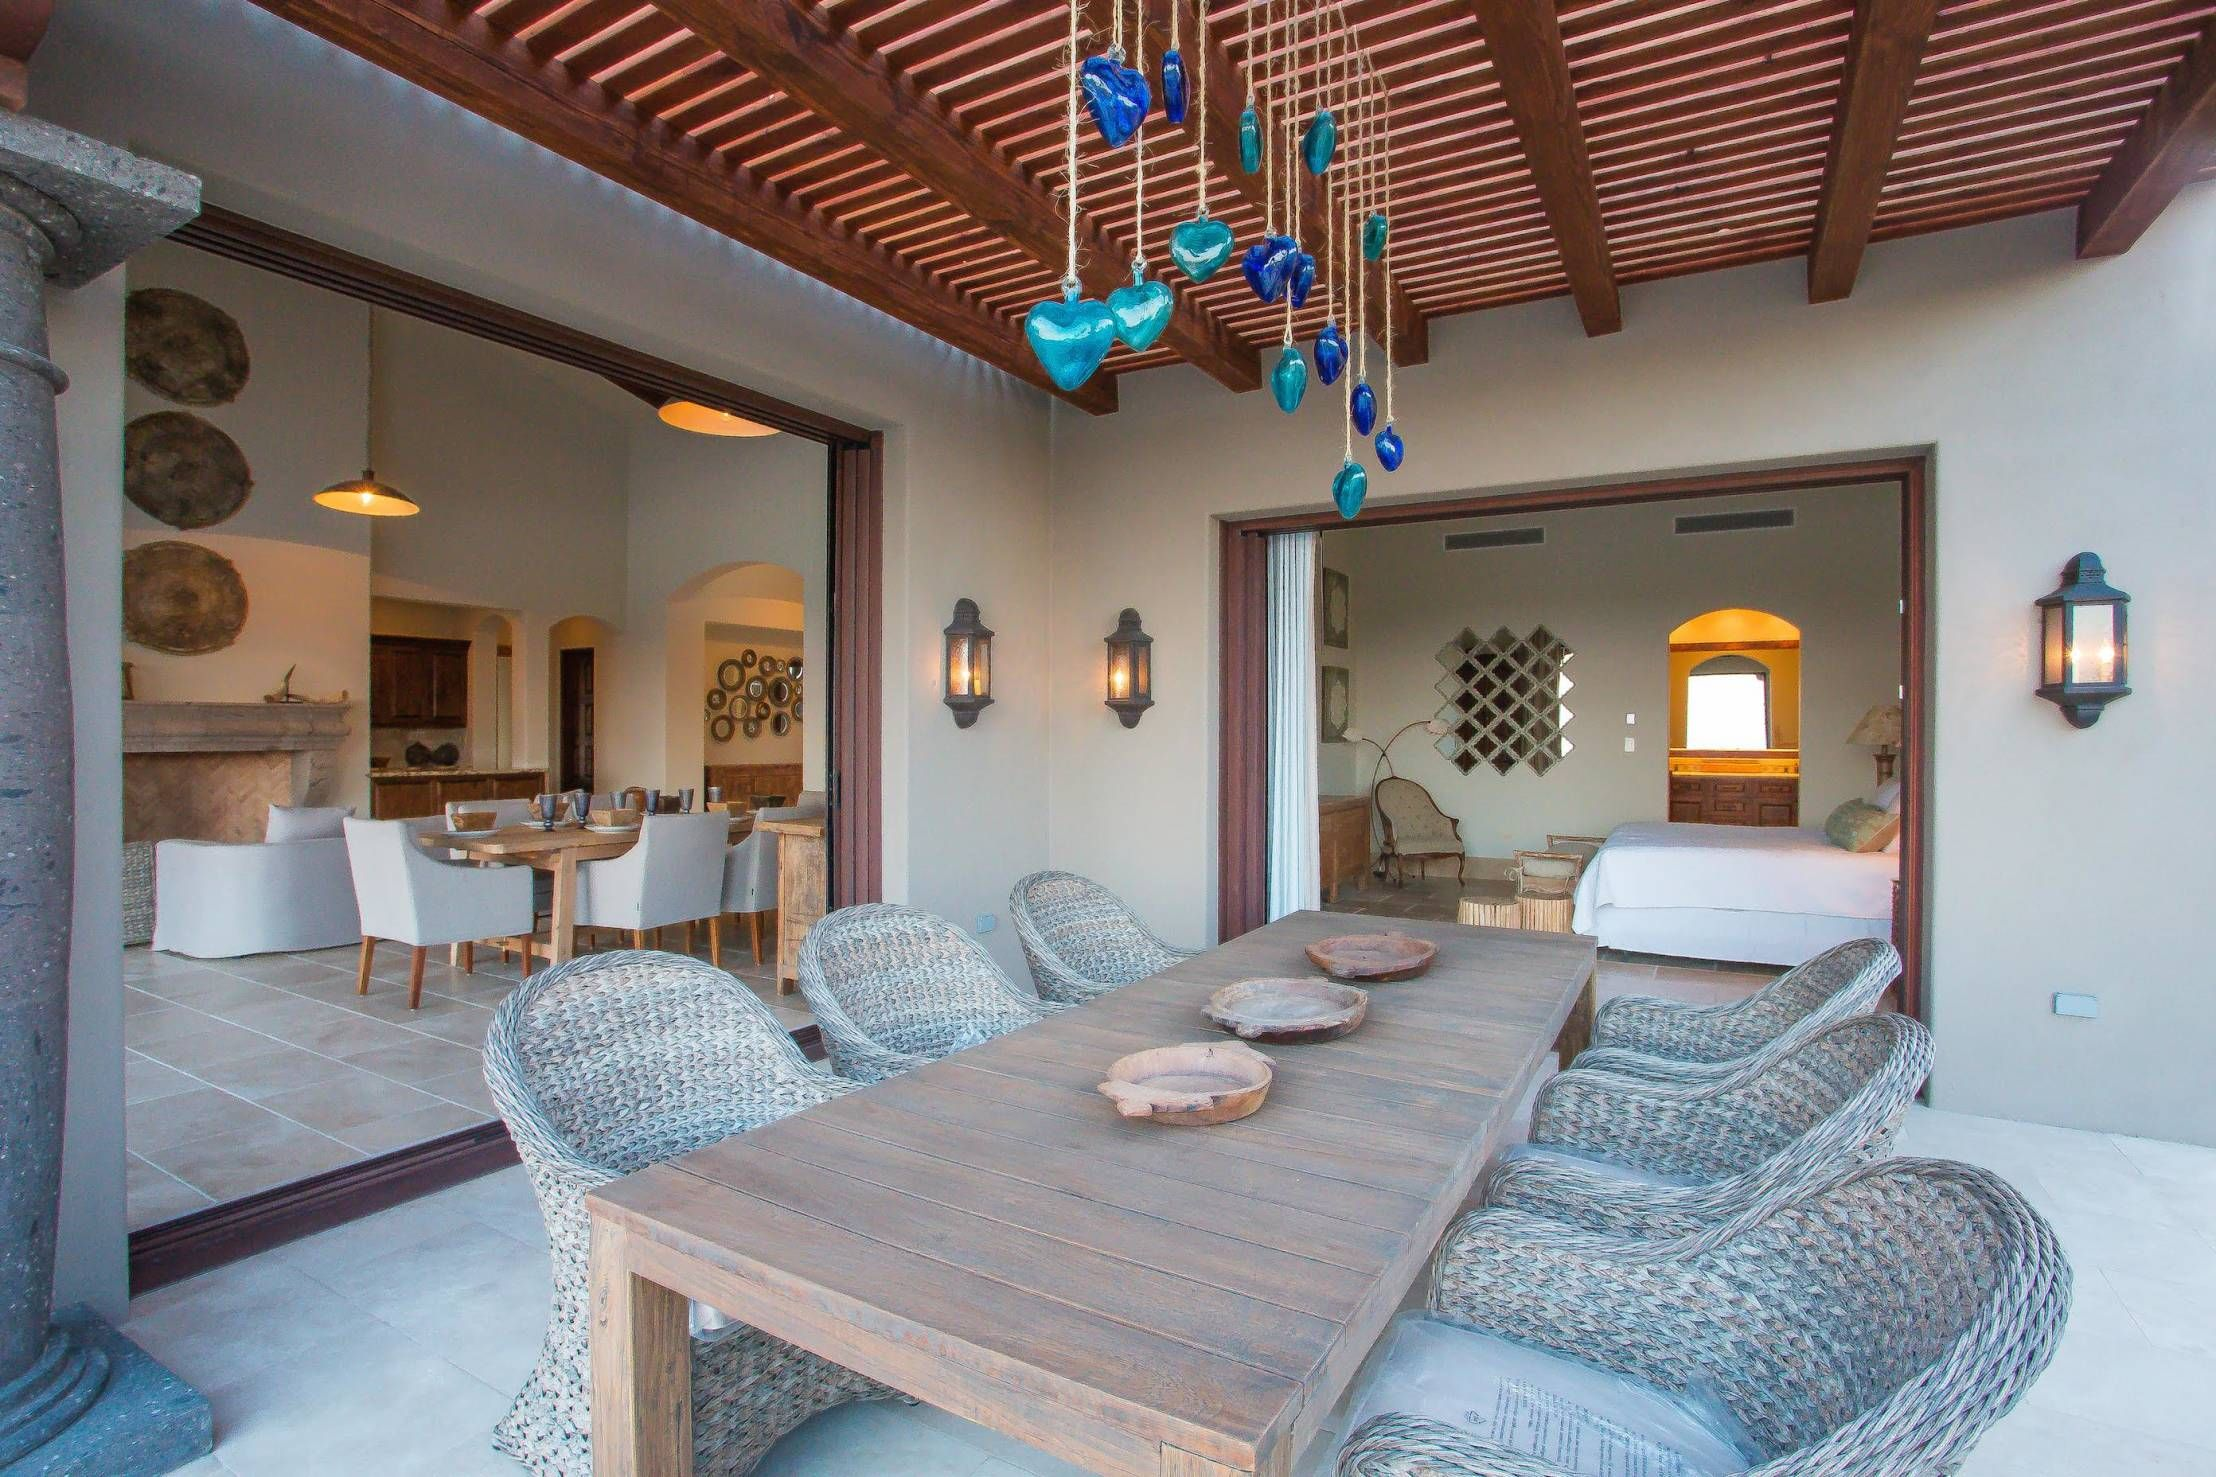 15 terrazas r sticas sensacionales ideas para el hogar for Decoraciones rusticas para el hogar